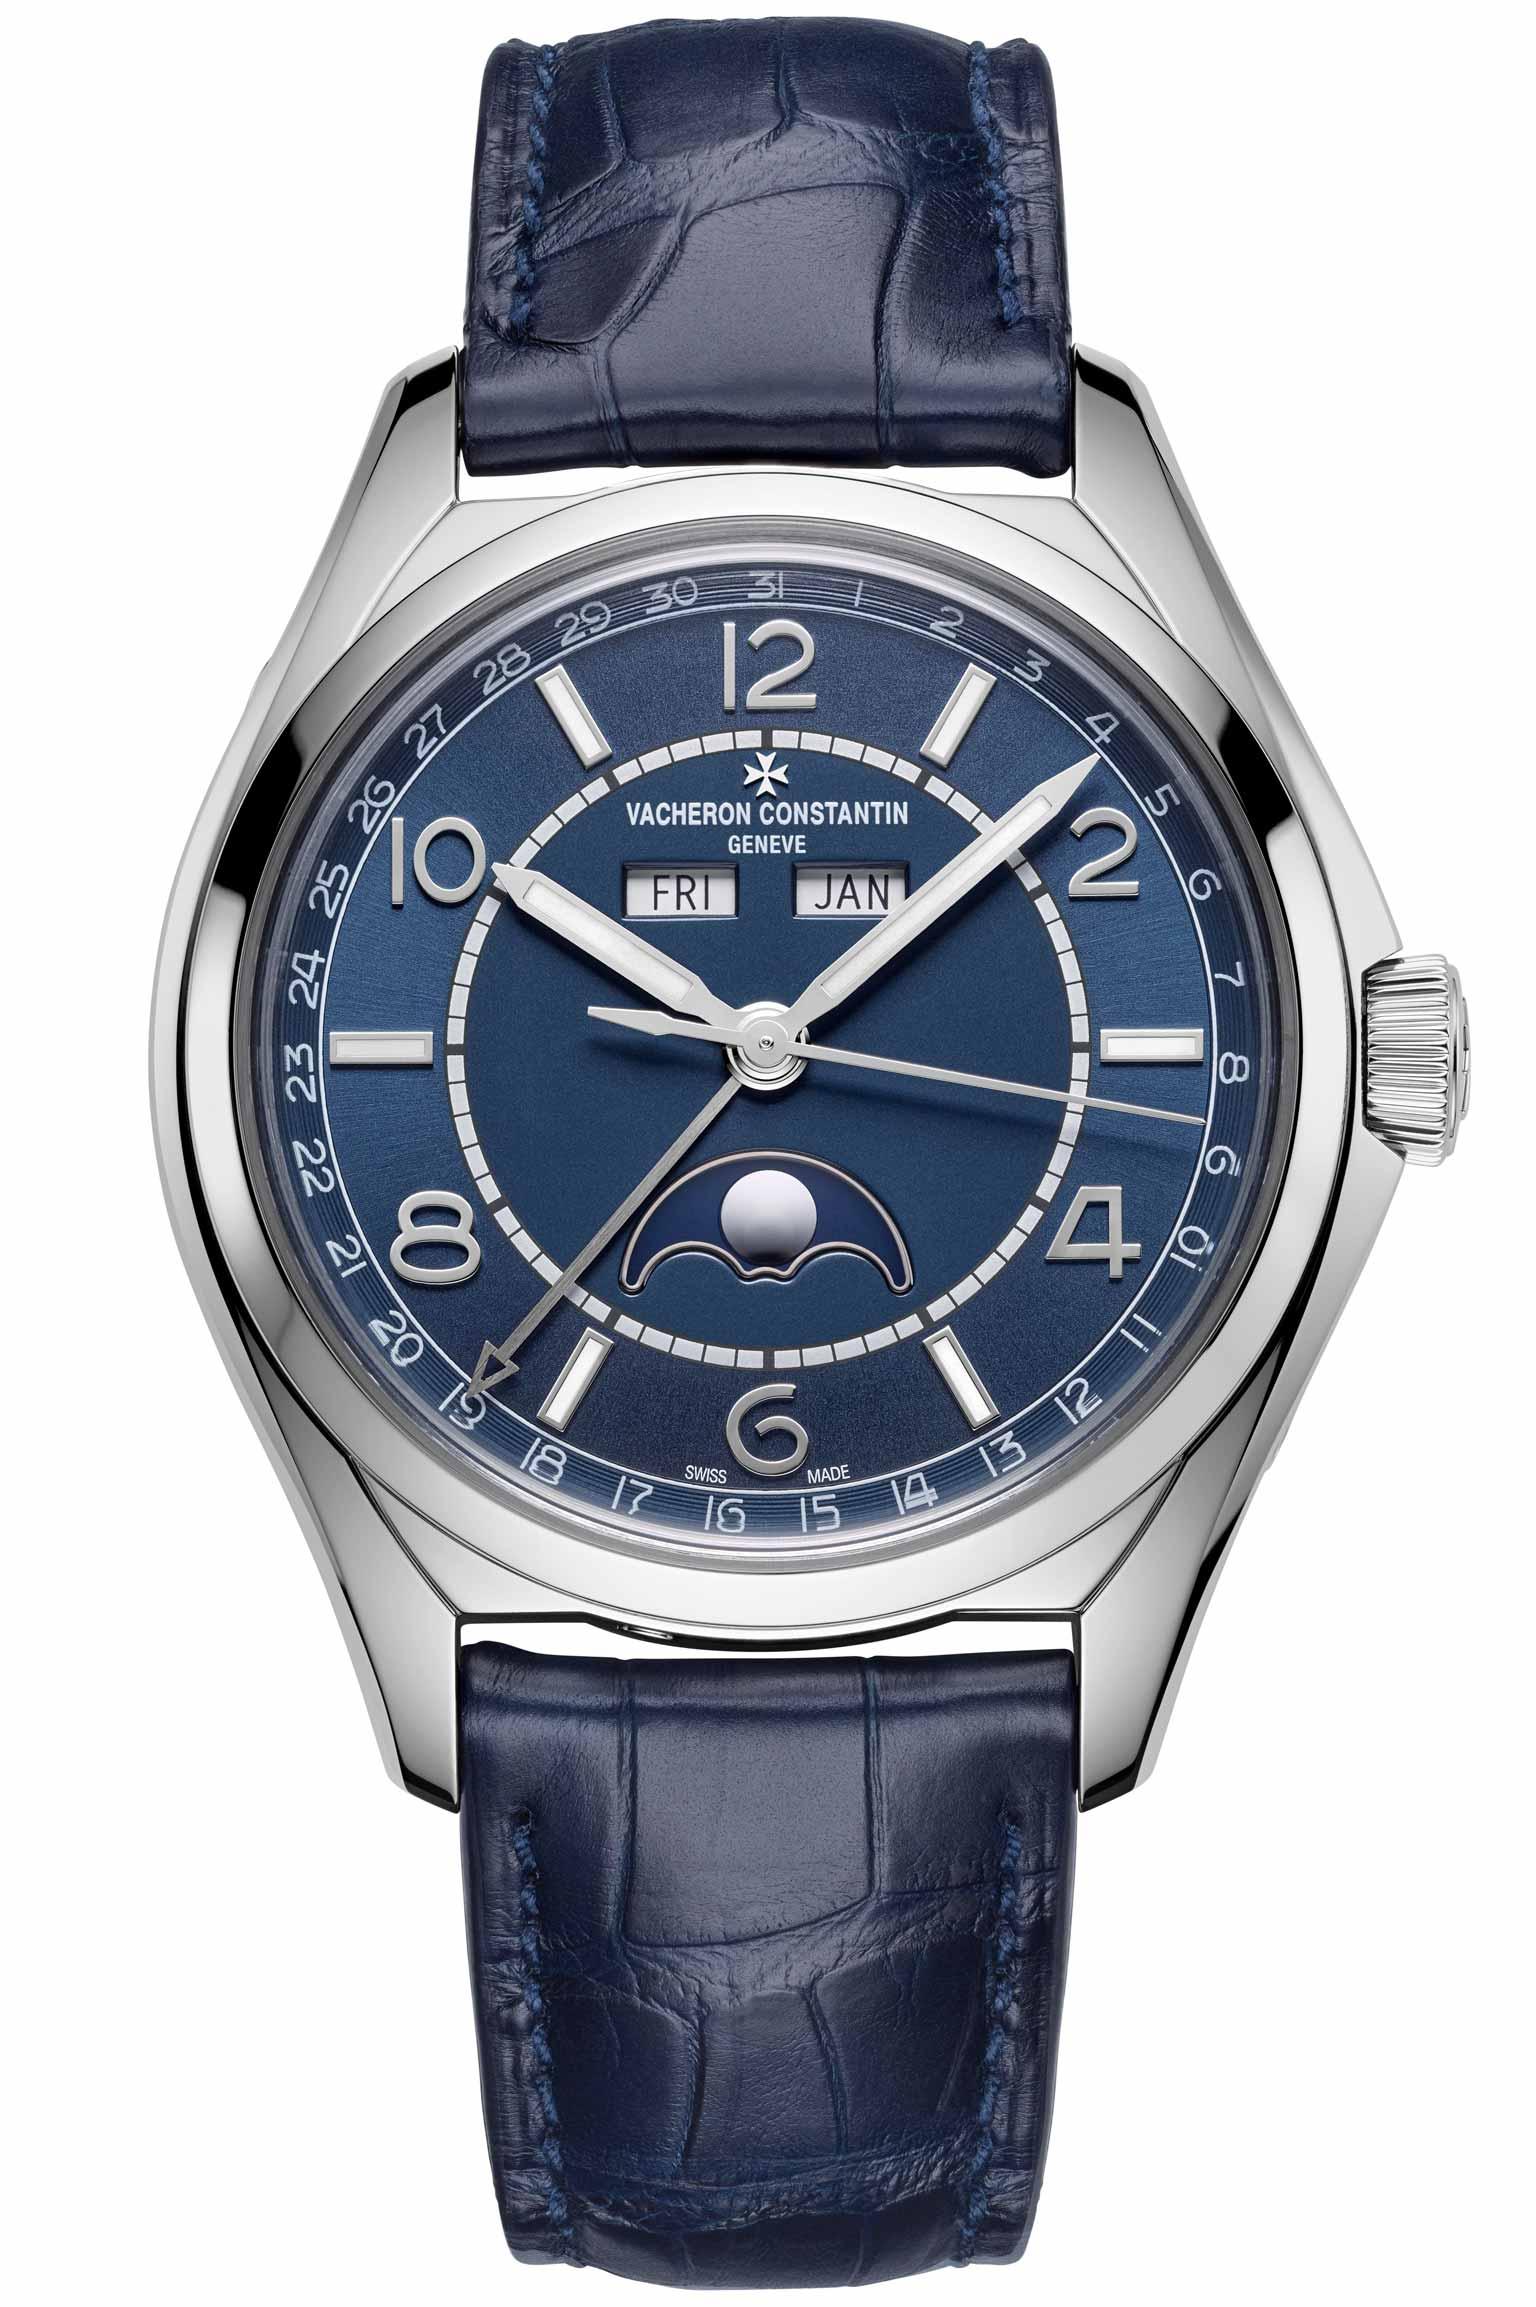 ヴァシュロン・コンスタンタン 時計